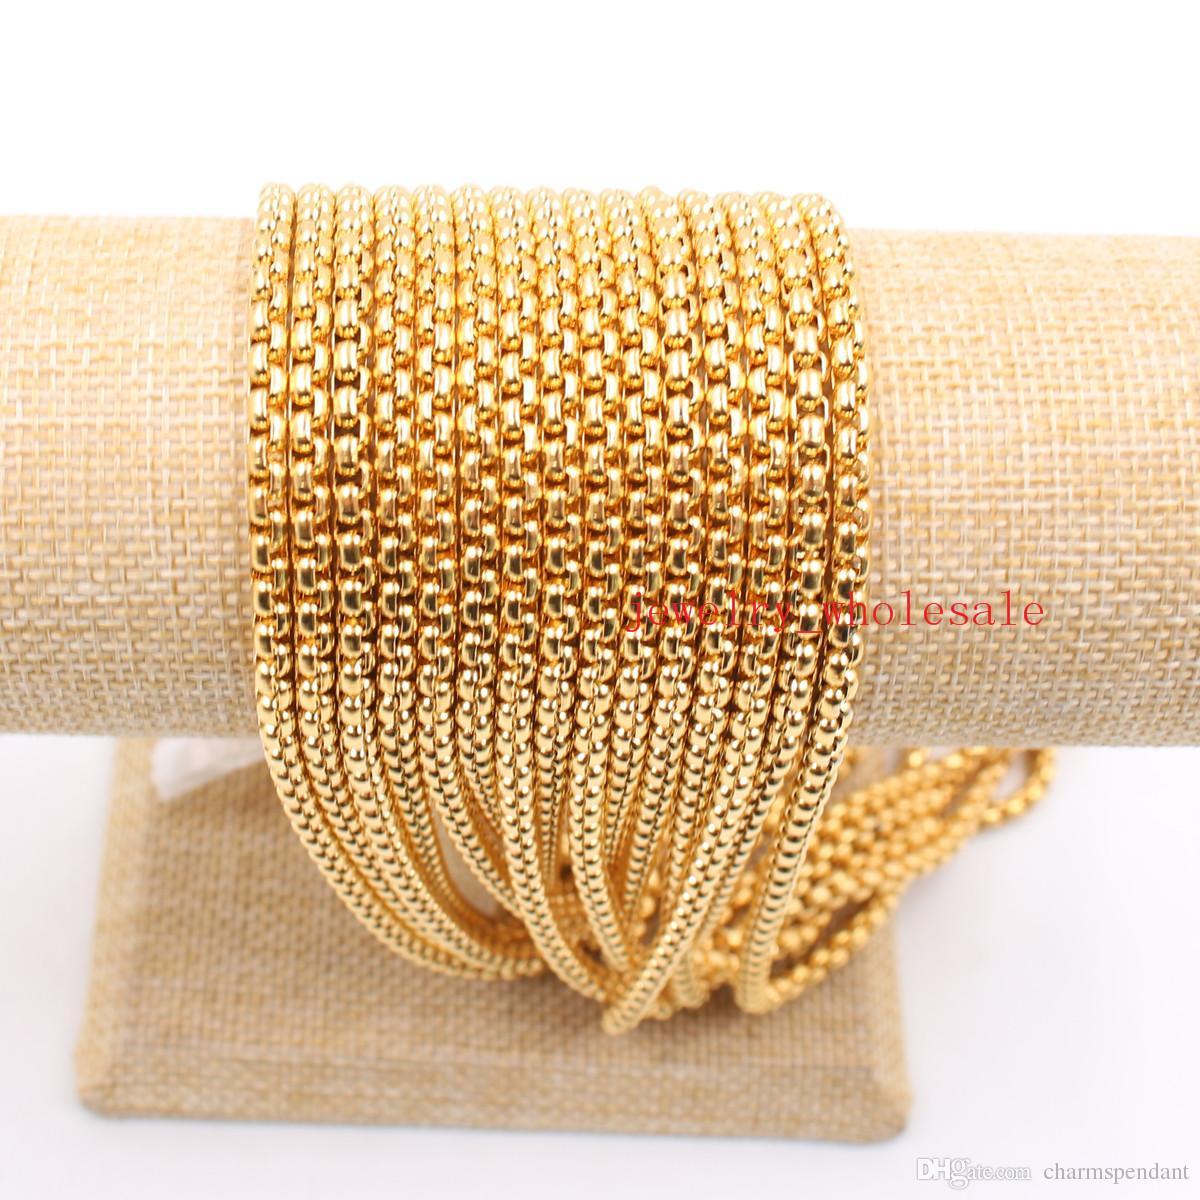 Toplu 3 metre / grup Takı Bulma Zincir Altın Paslanmaz Çelik 3mm / 4mm / Moda Yüksek Kalite kare Kutu Zincir Markalama DIY